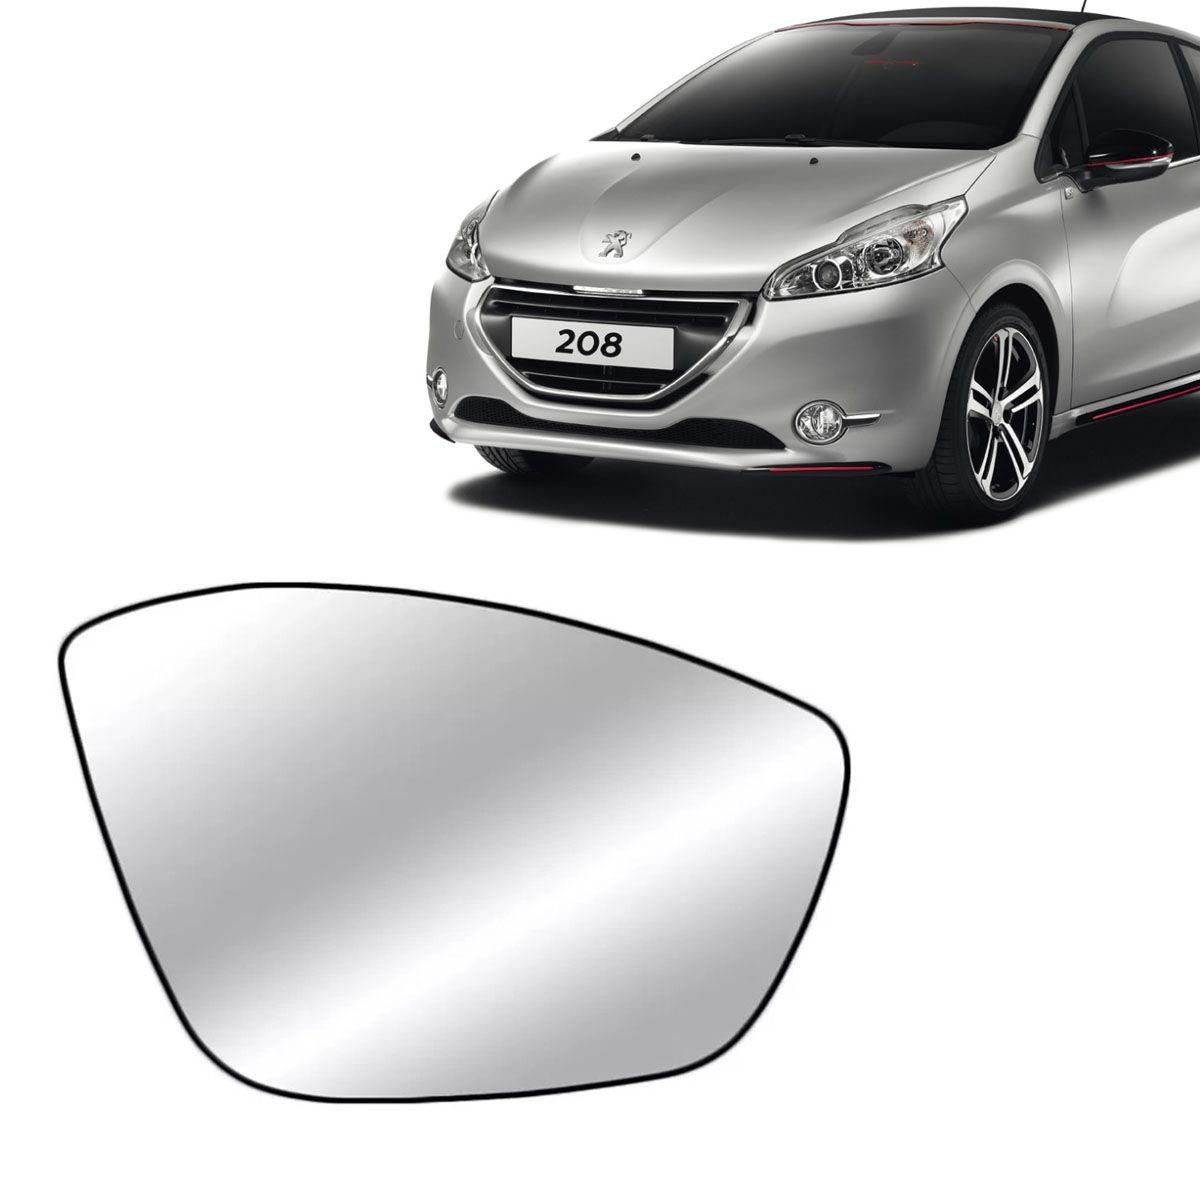 Lente Retrovisor Peugeot 208 2012 Até 2018 Peugeot 2008 2015 Até 2018 Com Base Lado Esquerdo